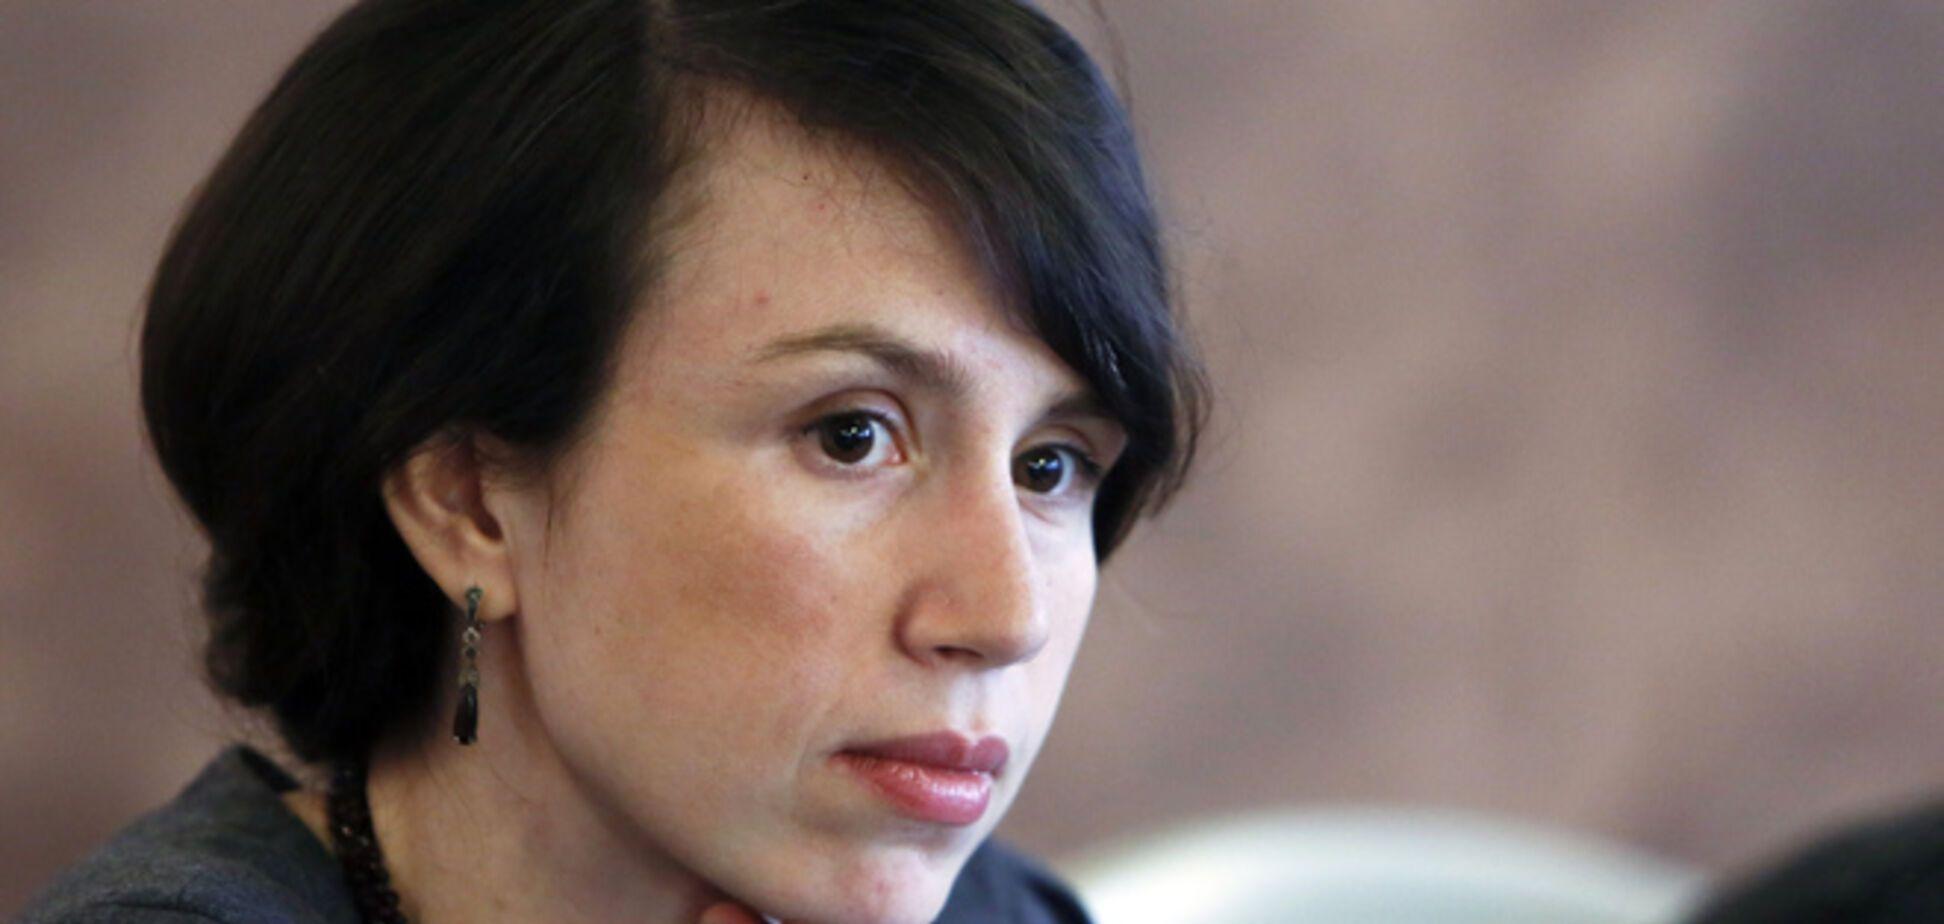 Уголовное дело о нападении на Татьяну Чорновил направлено в суд